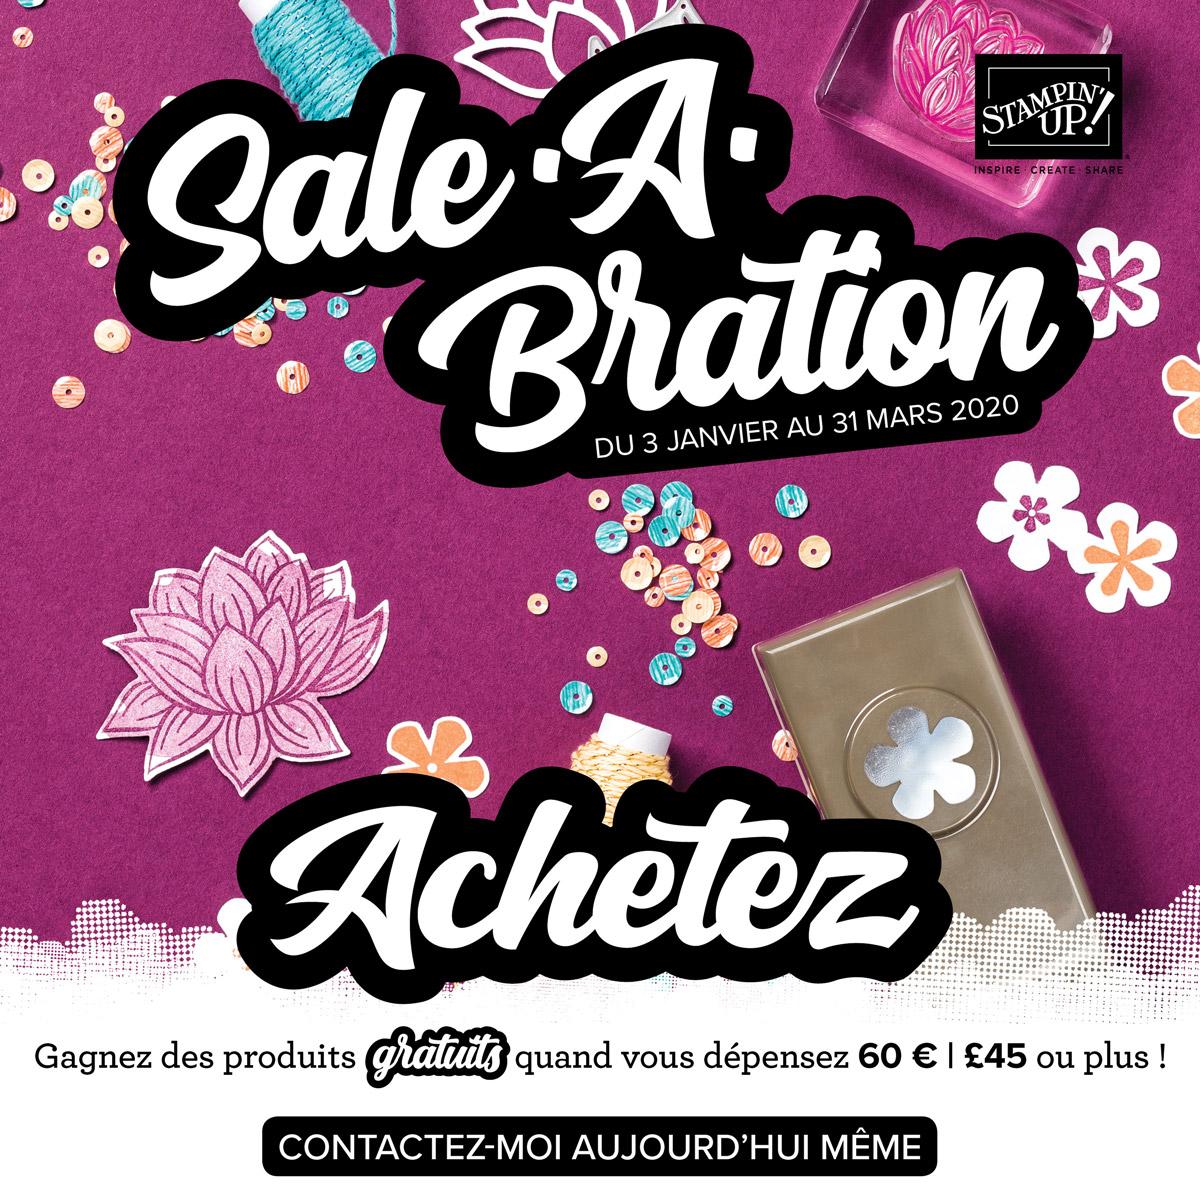 Image Sale-A-Bration